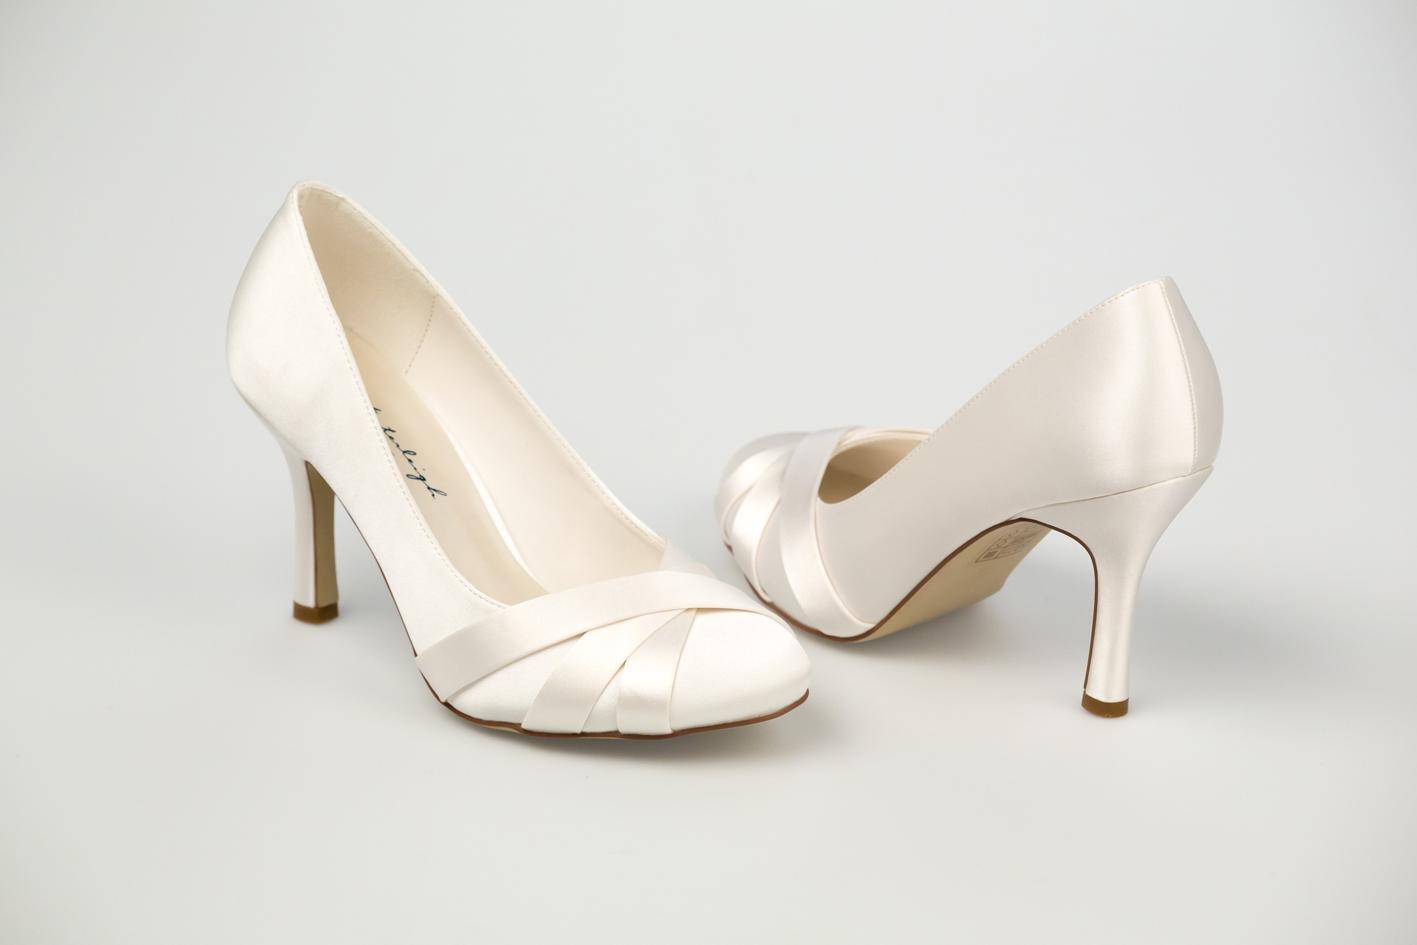 Svadobné topánky Greta, G. Westerleigh  - Obrázok č. 1